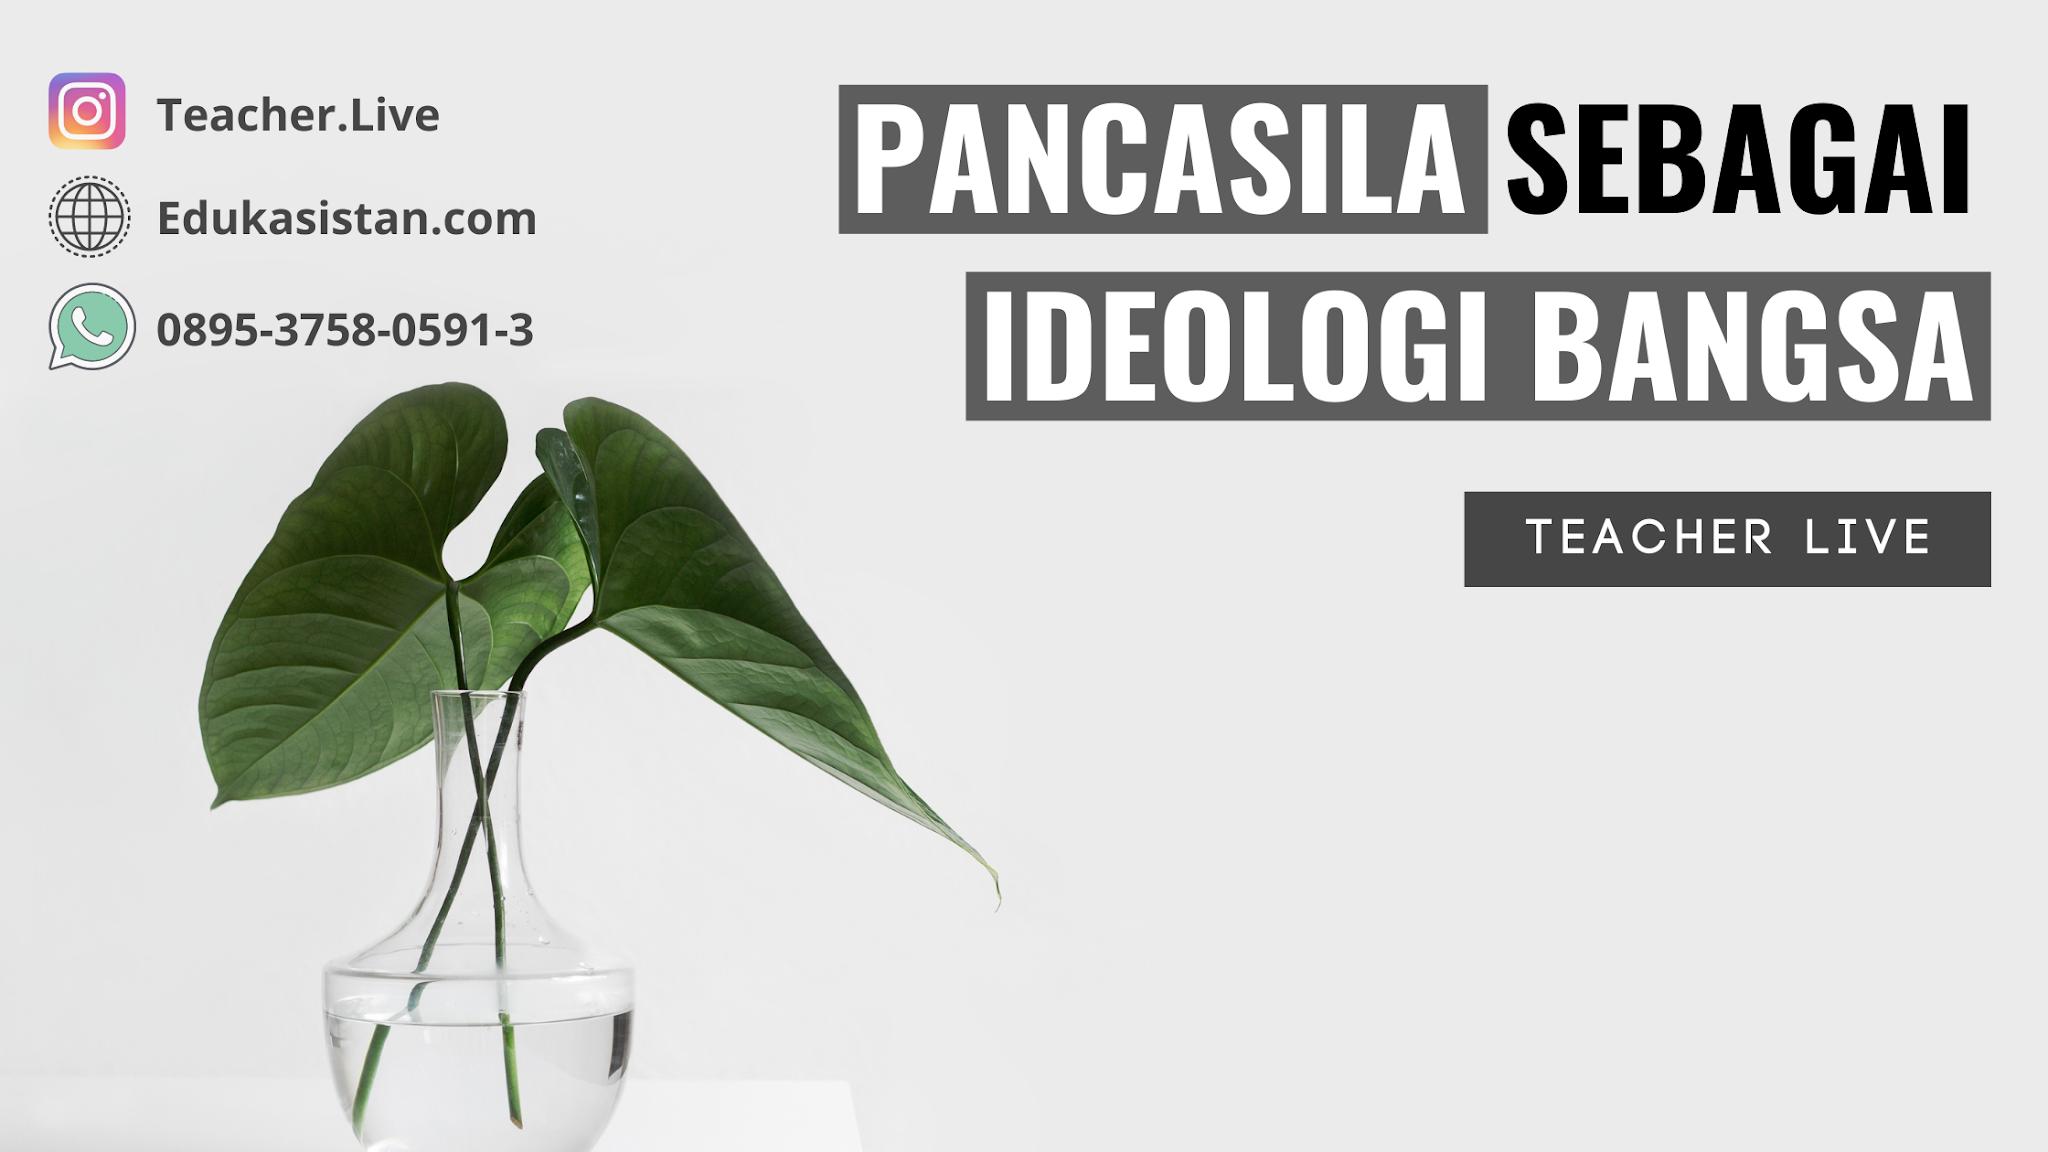 Pancasila Sebagai Ideologi Bangsa